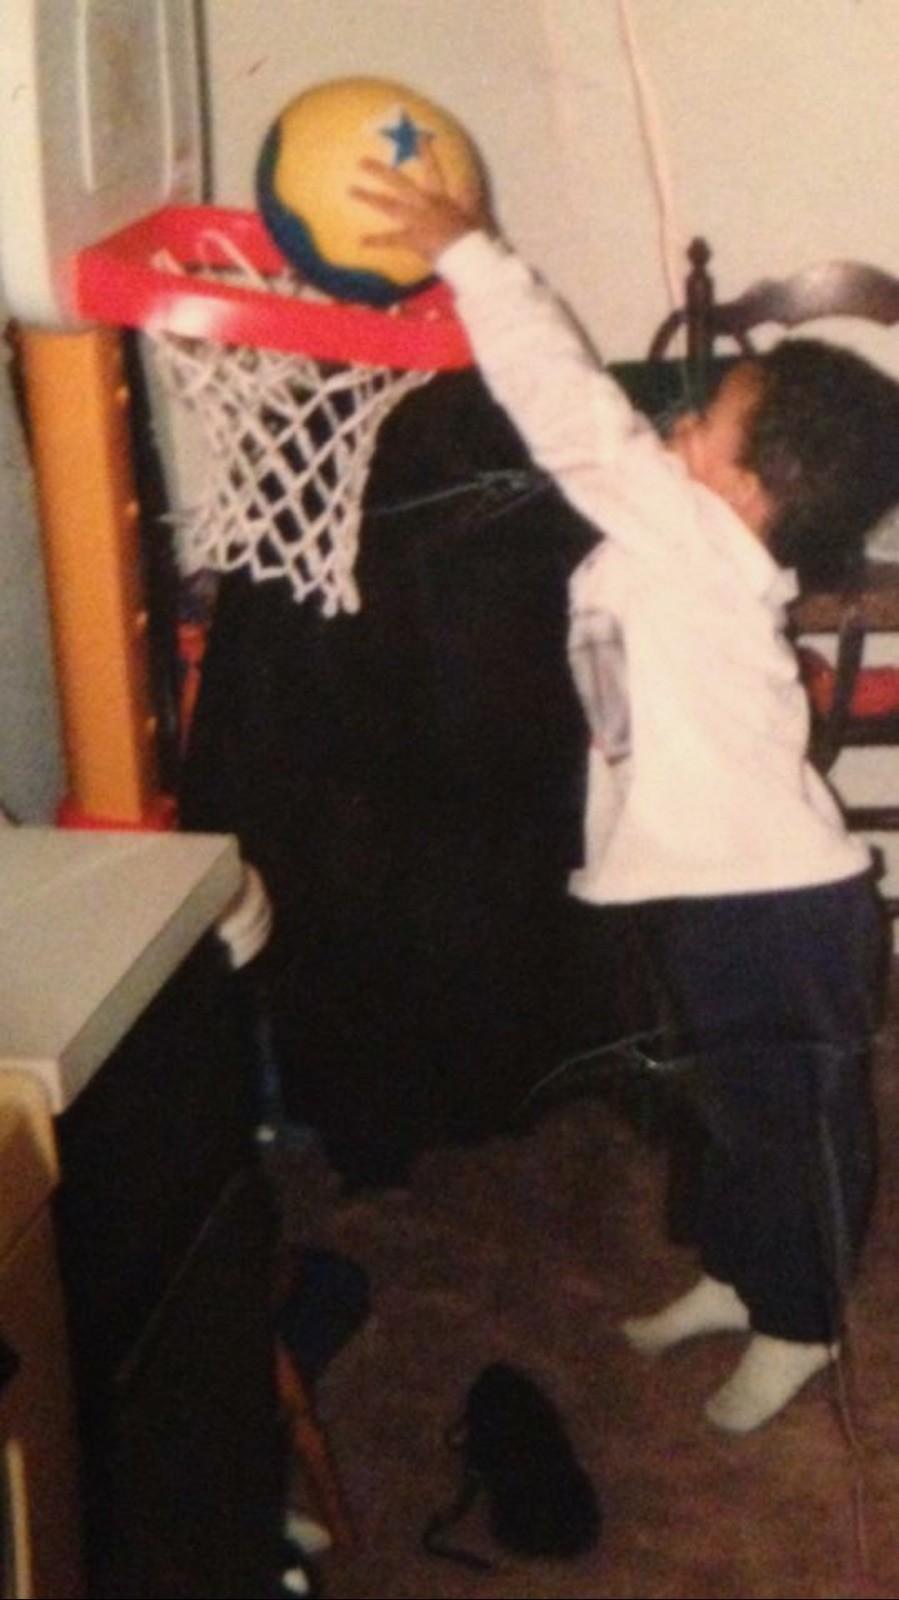 Kuzma dunks as a child